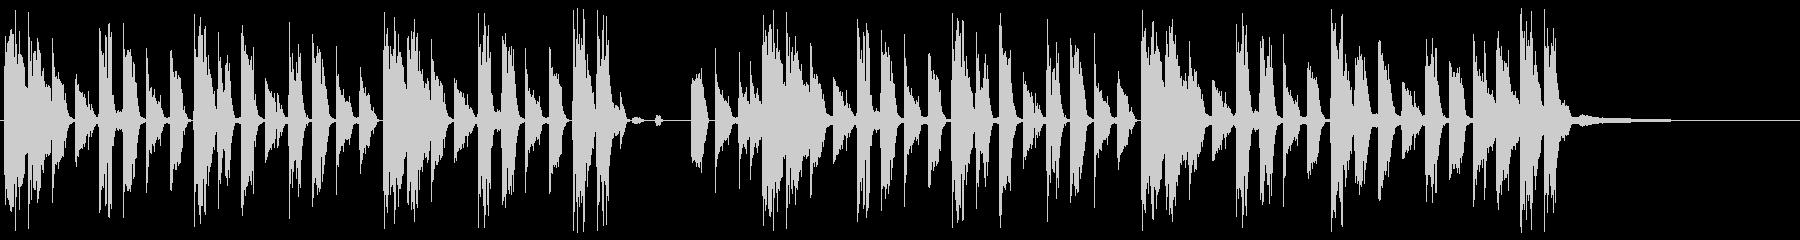 渋い印象のシンキングタイム04の未再生の波形